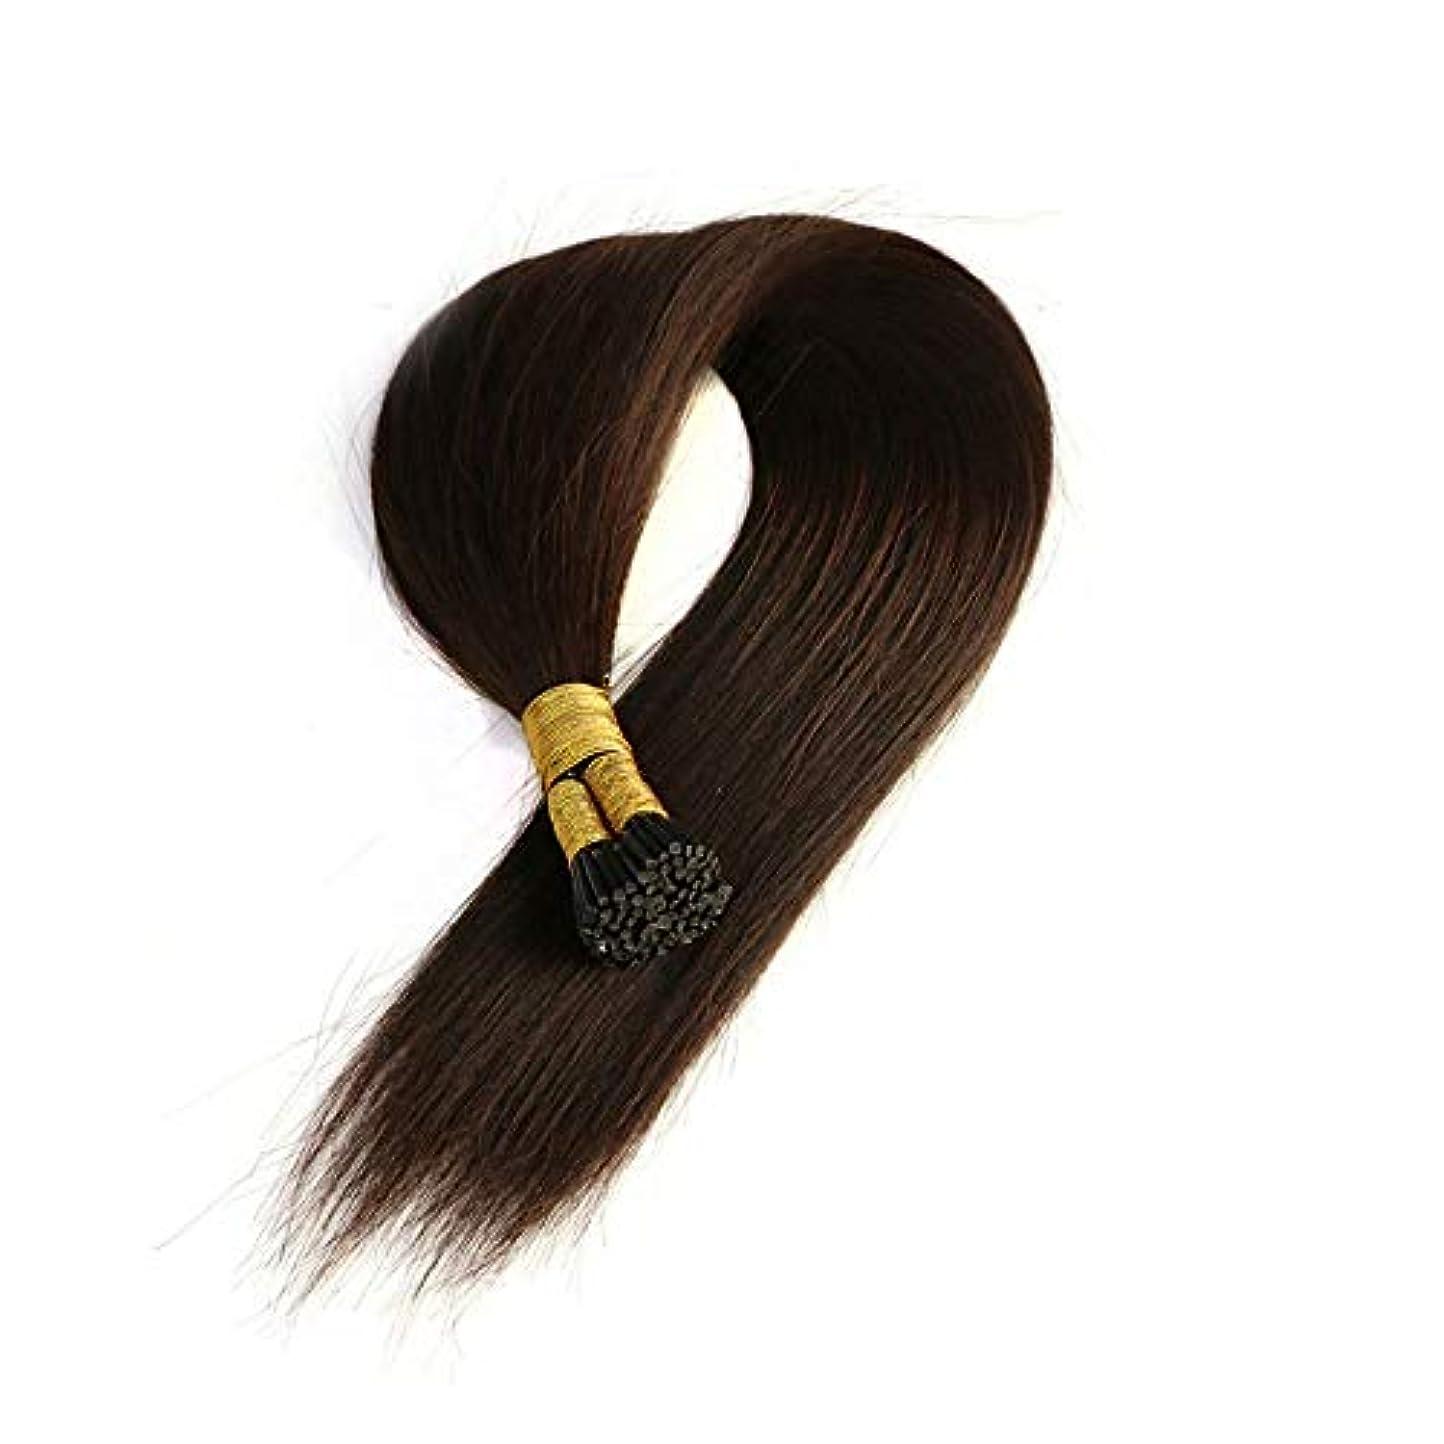 チャンピオンシップジャンク光沢WASAIO パッケージ数当たりの変化髪型の50グラムのためのヘアエクステンションクリップ裏地なし人間を (色 : 黒, サイズ : 40cm)